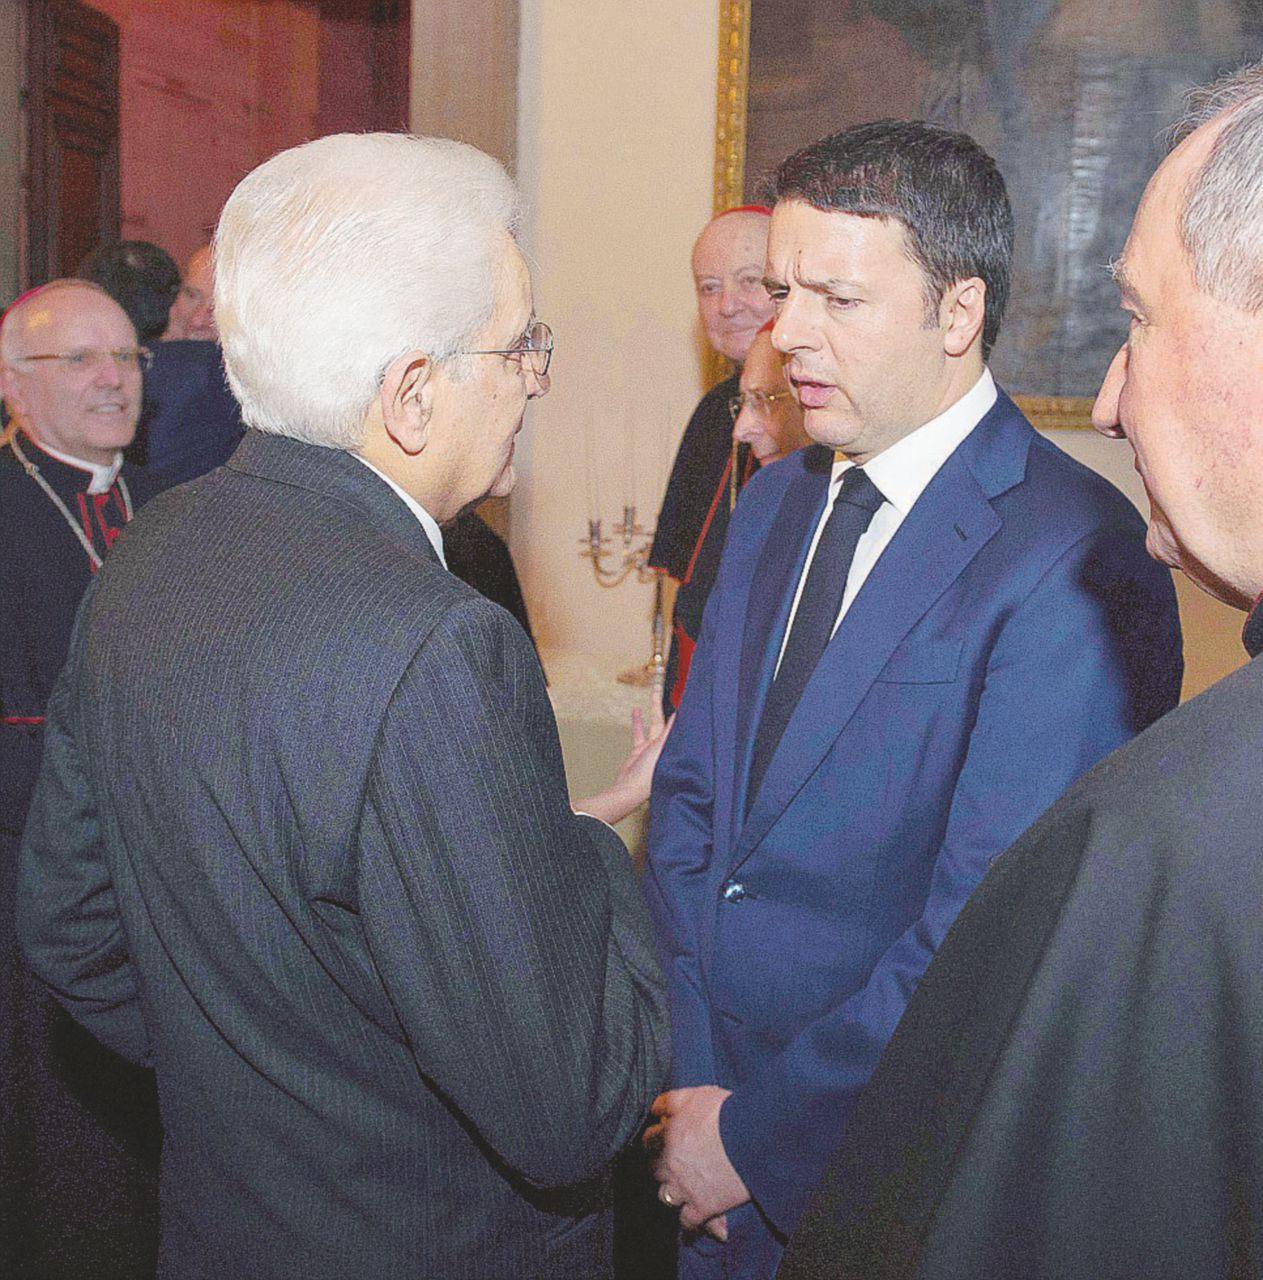 Pensione magistrati, Renzi si prende pure la Cassazione. E fa irritare il Colle